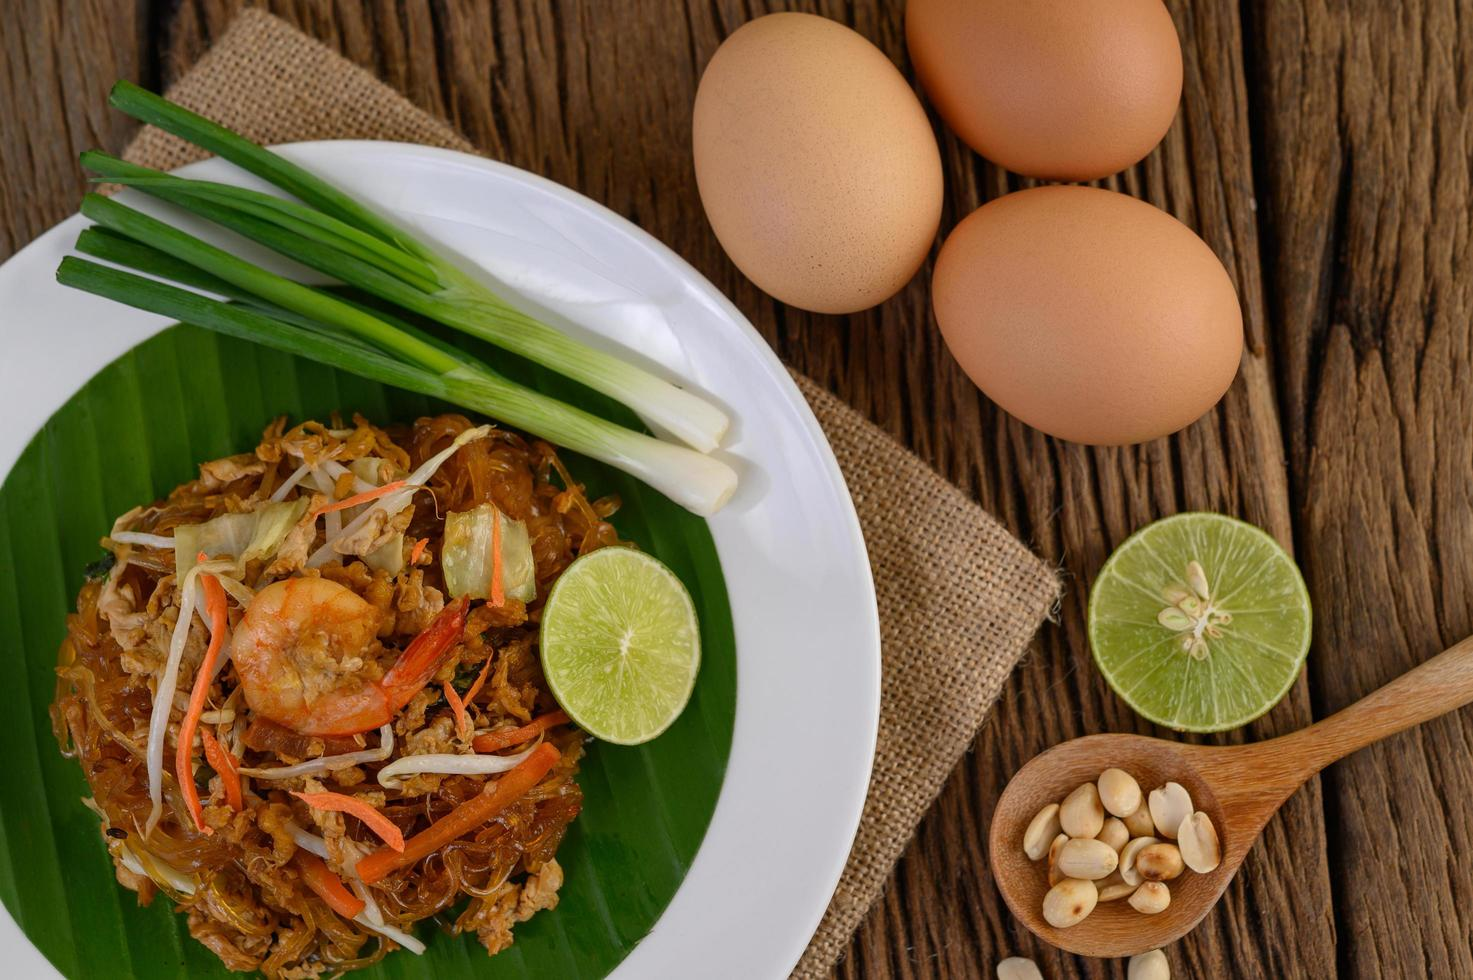 pad thai camarones en un bol con huevos, cebolleta y condimentos foto